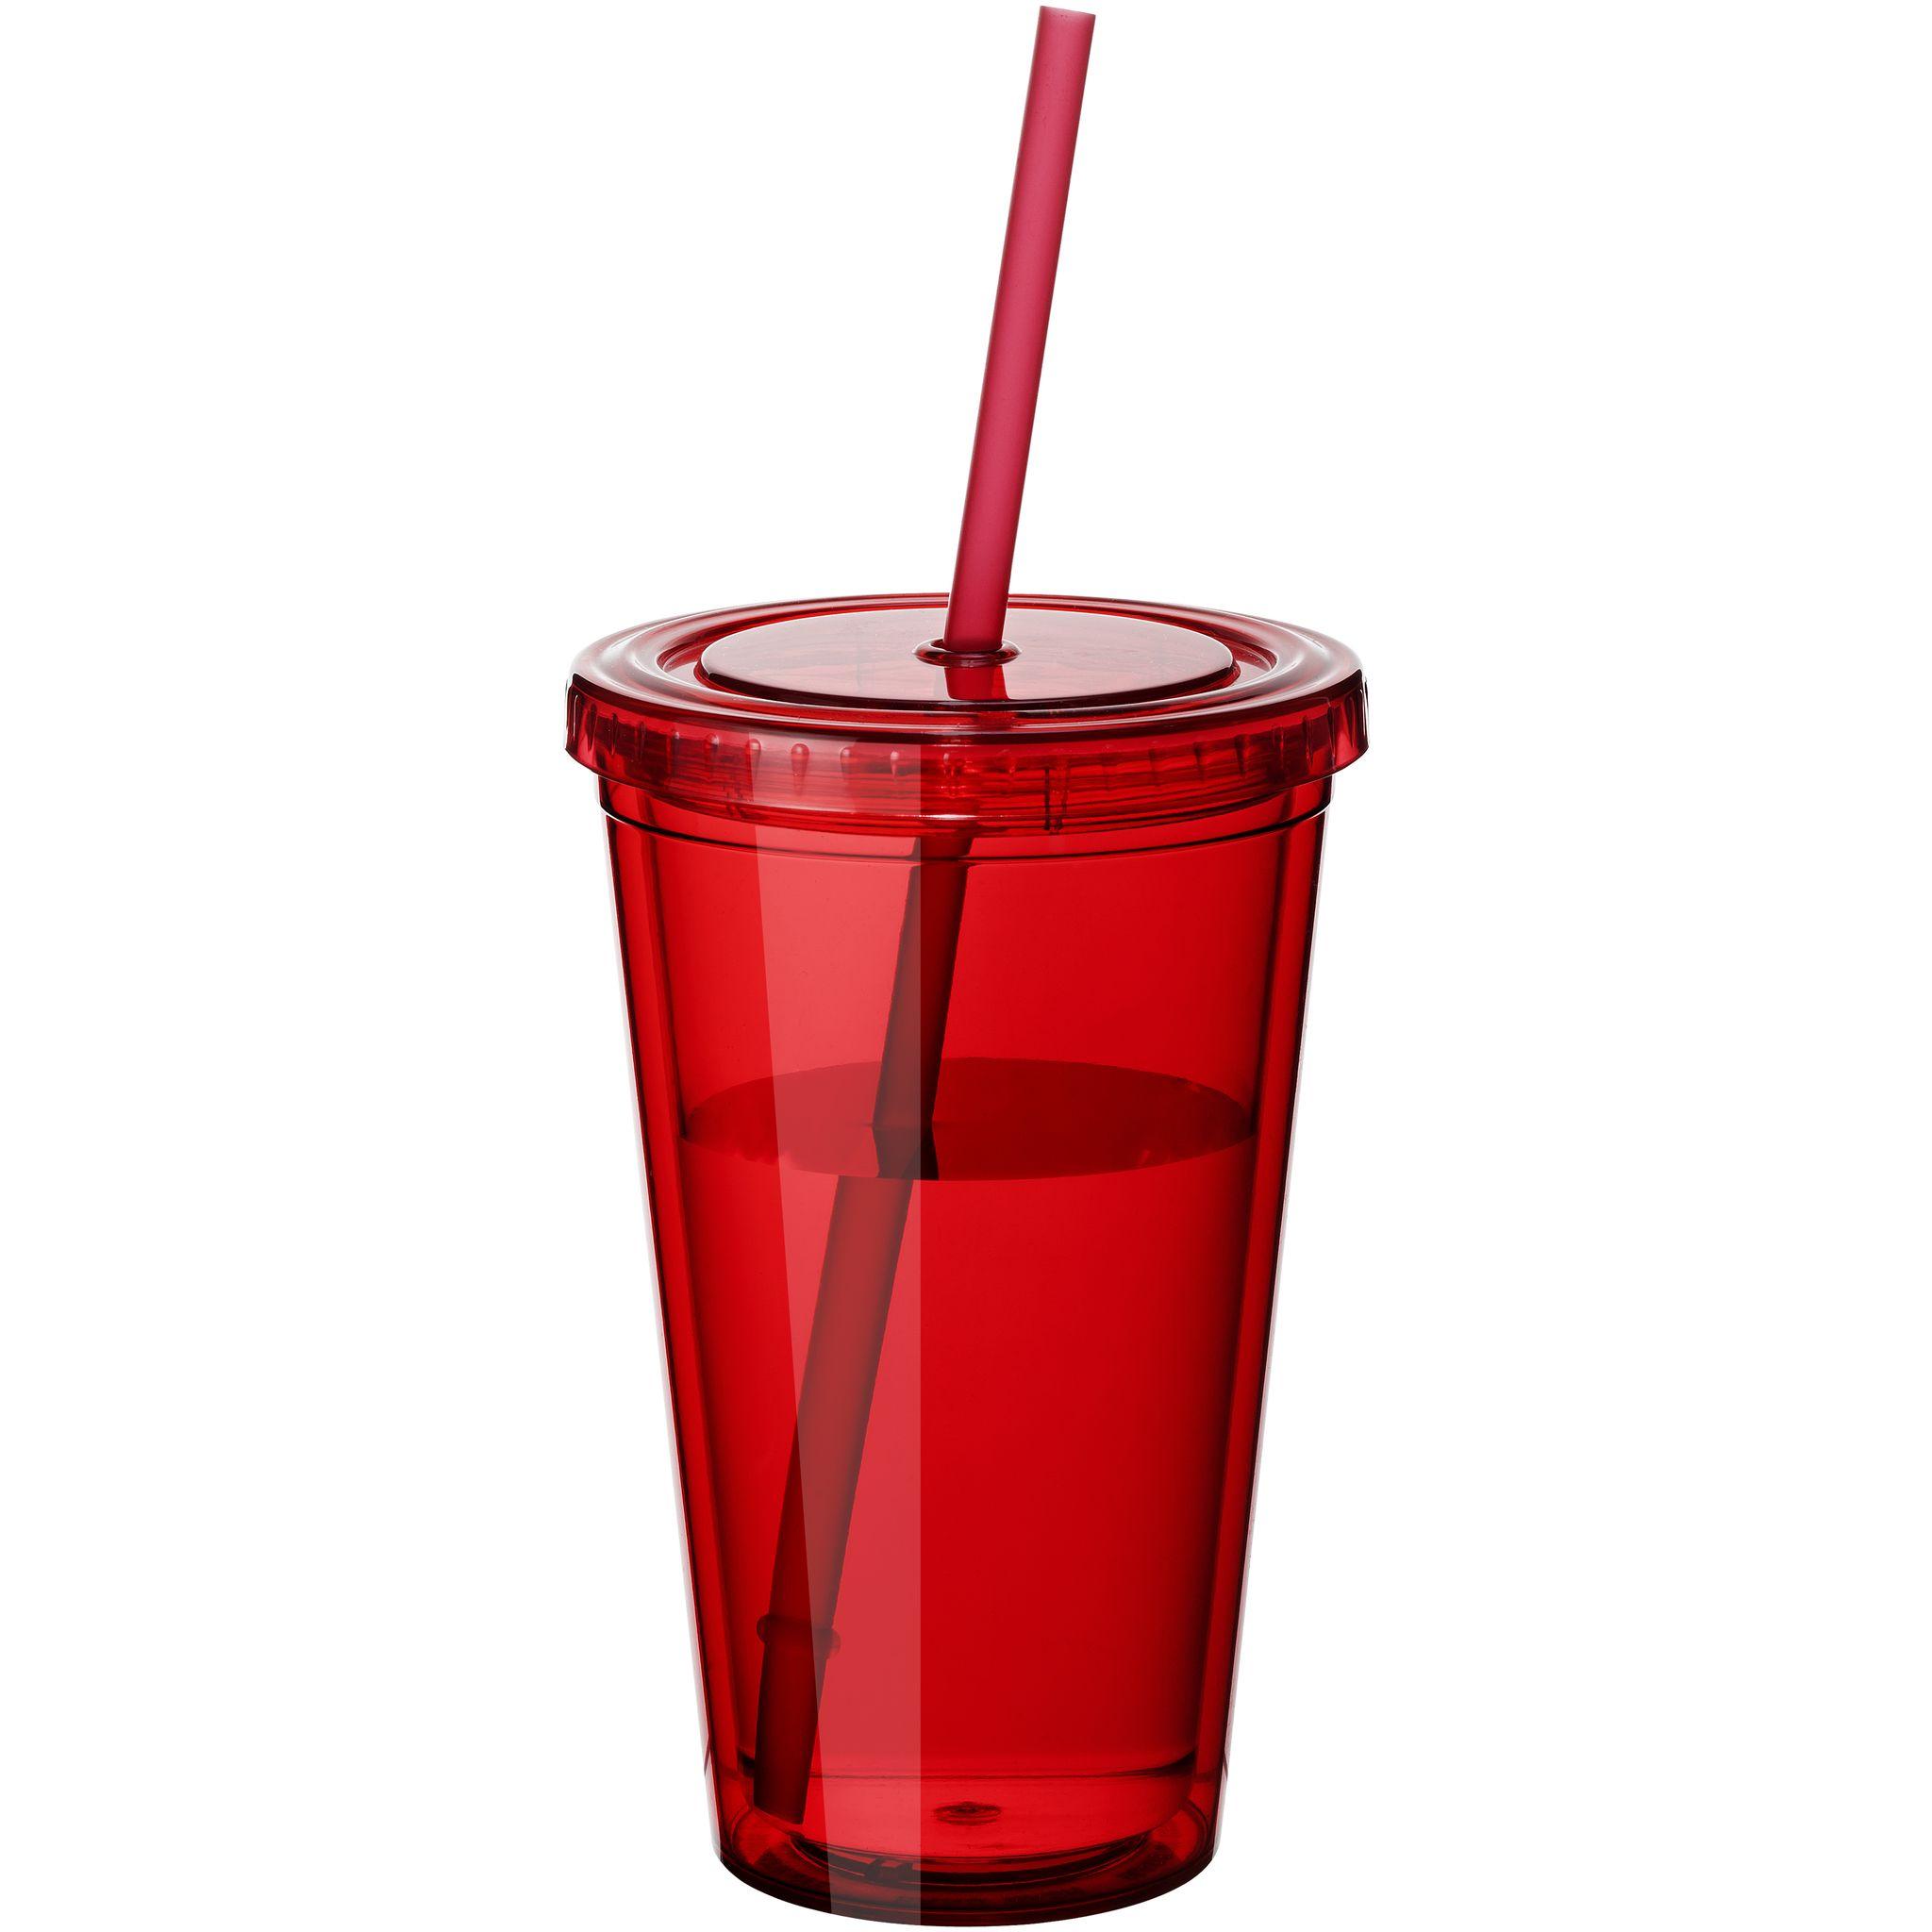 Cyclone Korrega Joogitops Punane Insulated Tumblers Glassware Plastic Cup